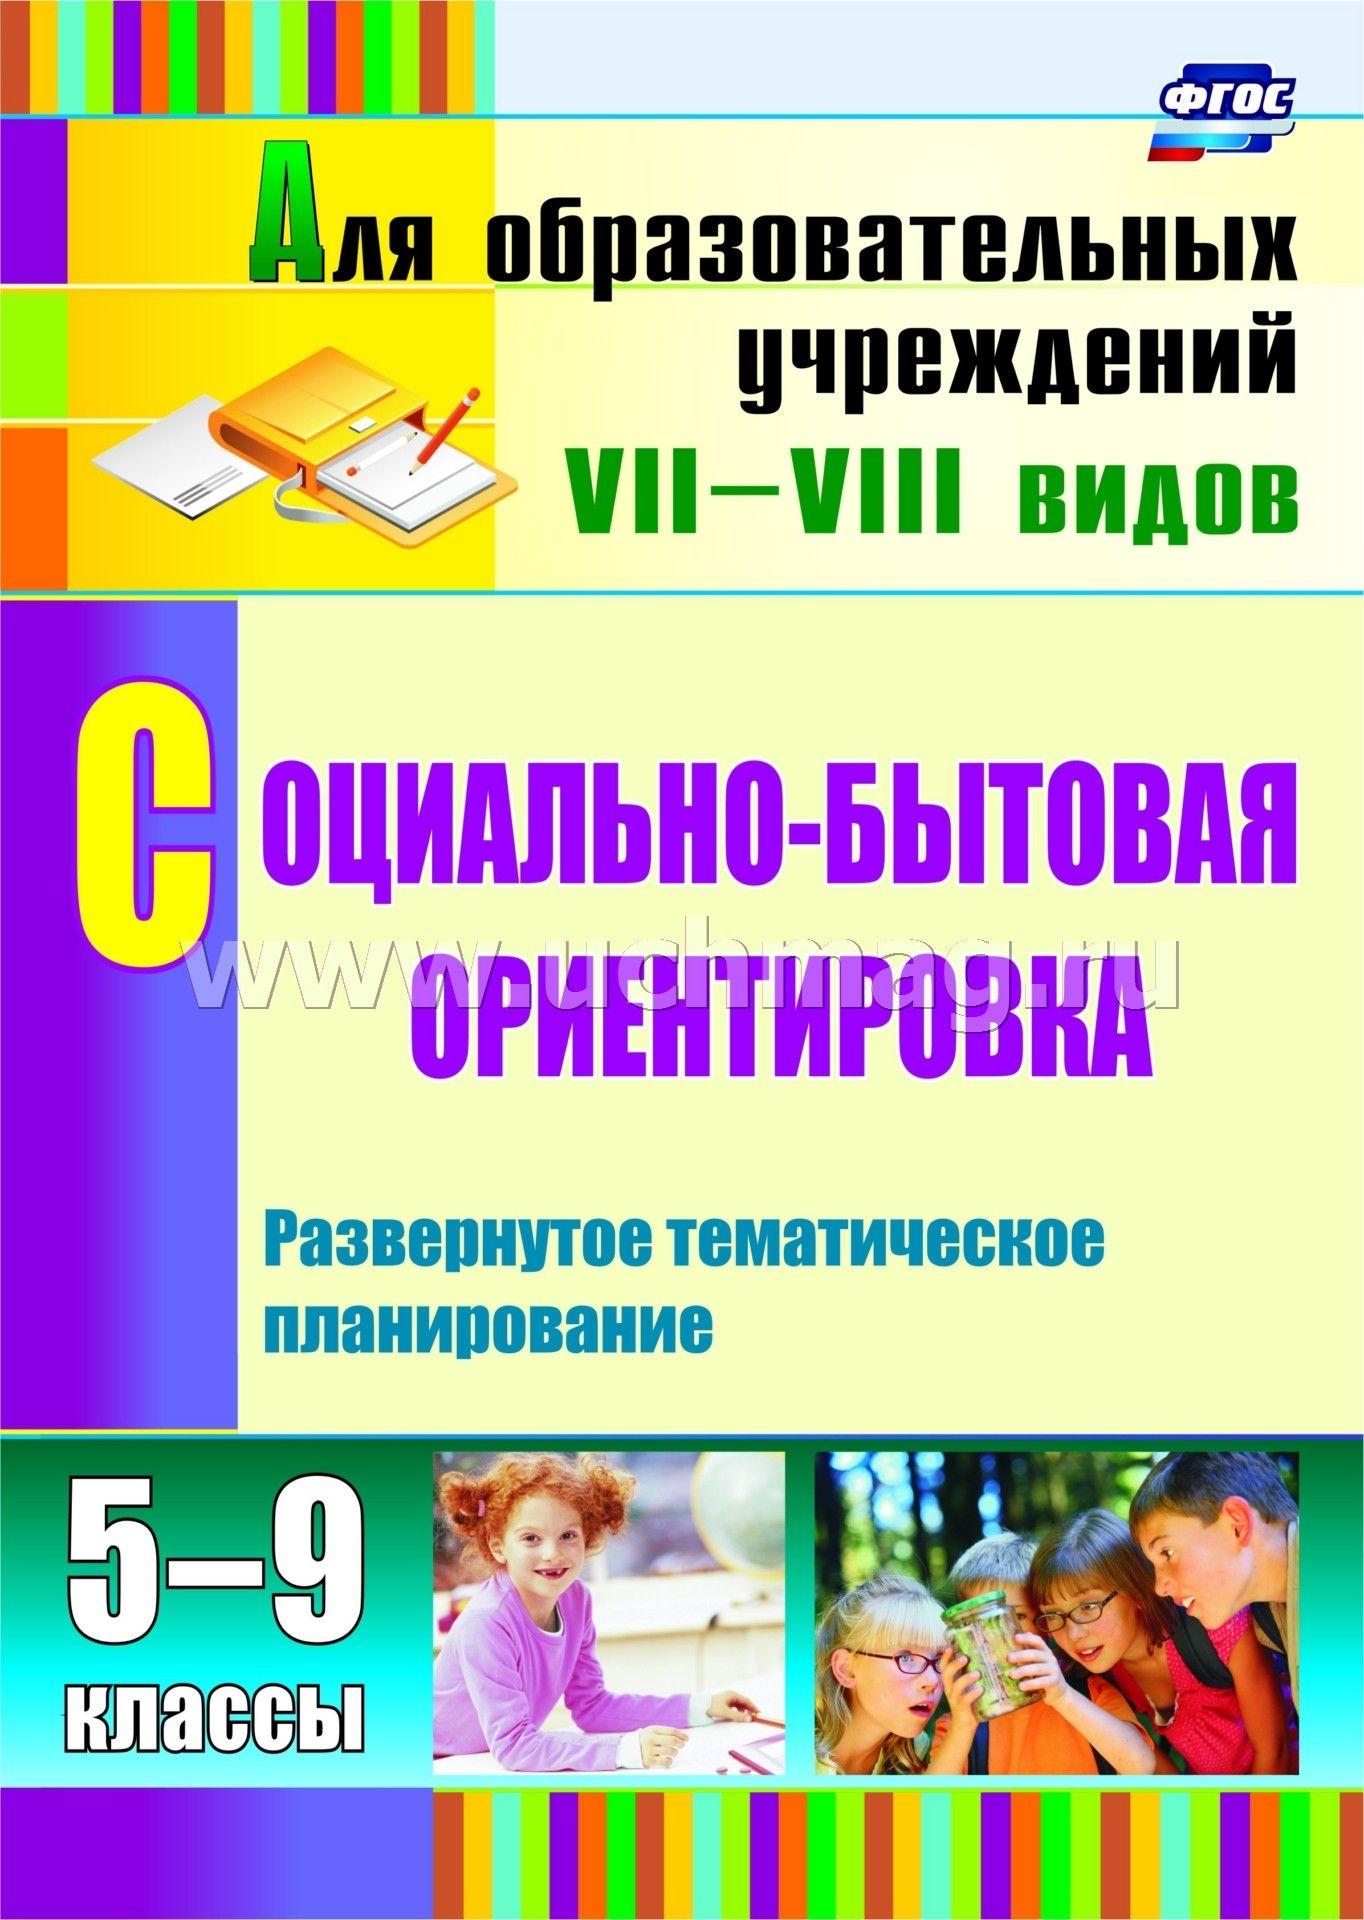 Контрольная работа по математике коррекционная школа 8 вида 5-9 класс